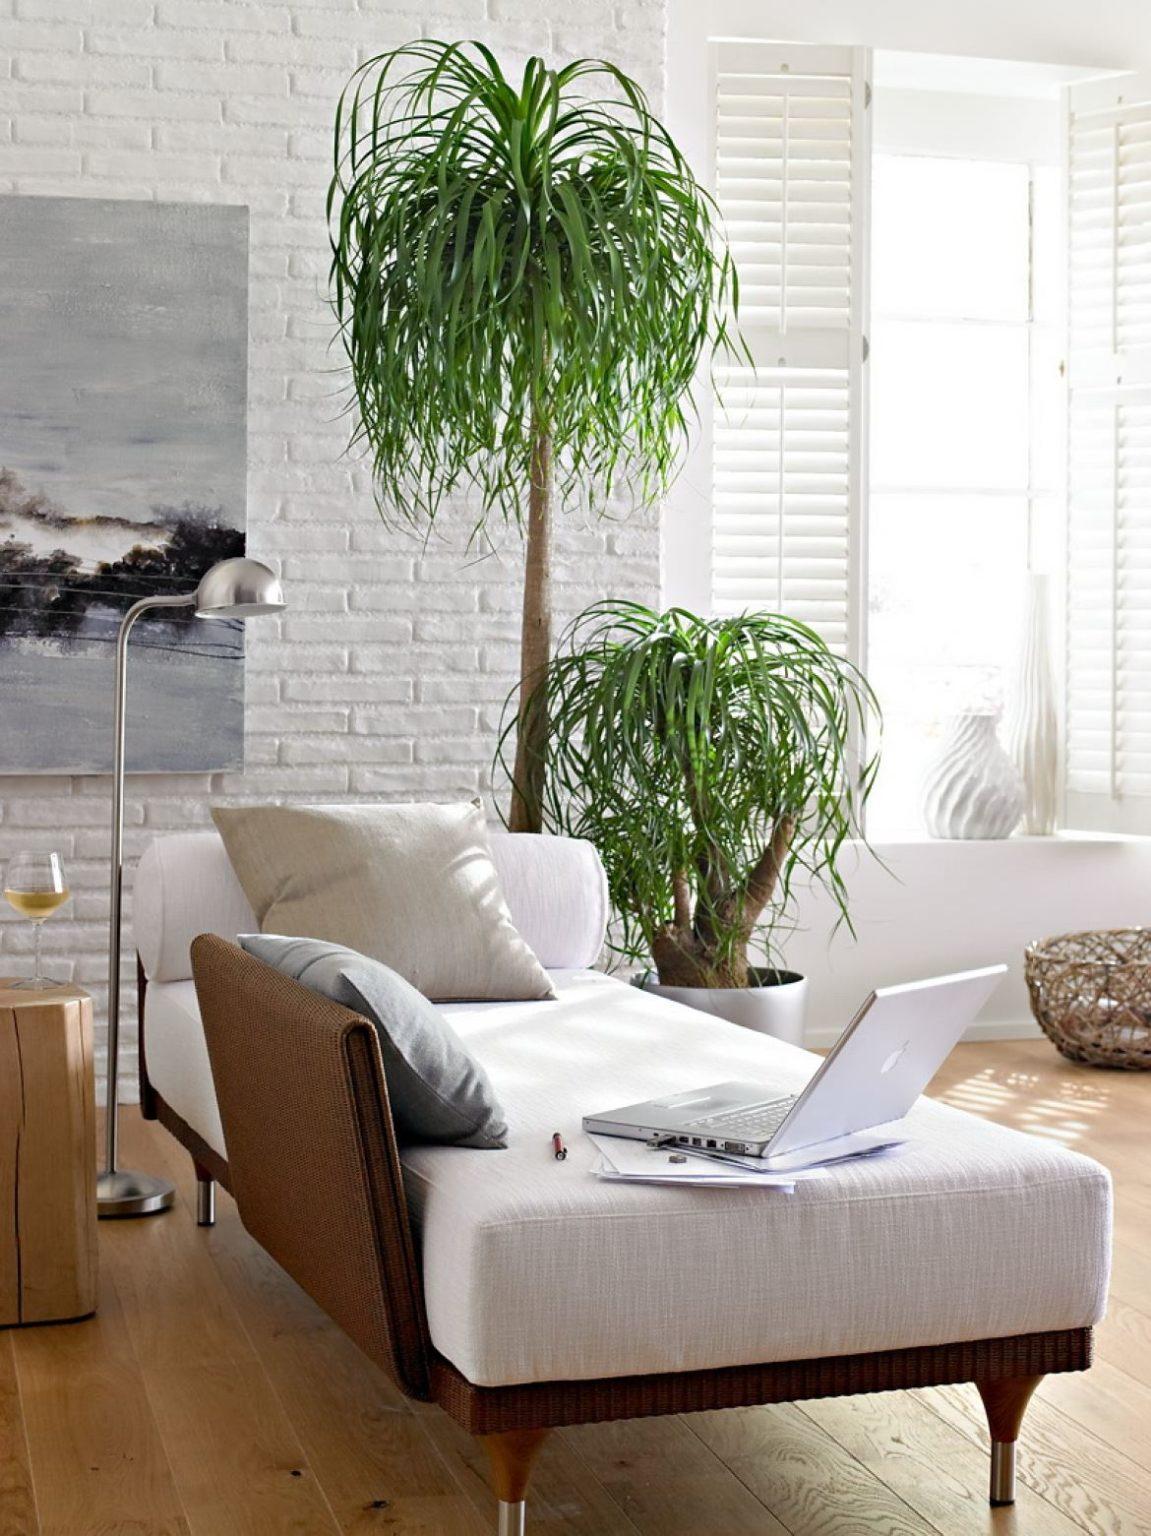 жилых помещений 1151x1536 - Озеленение жилых помещений